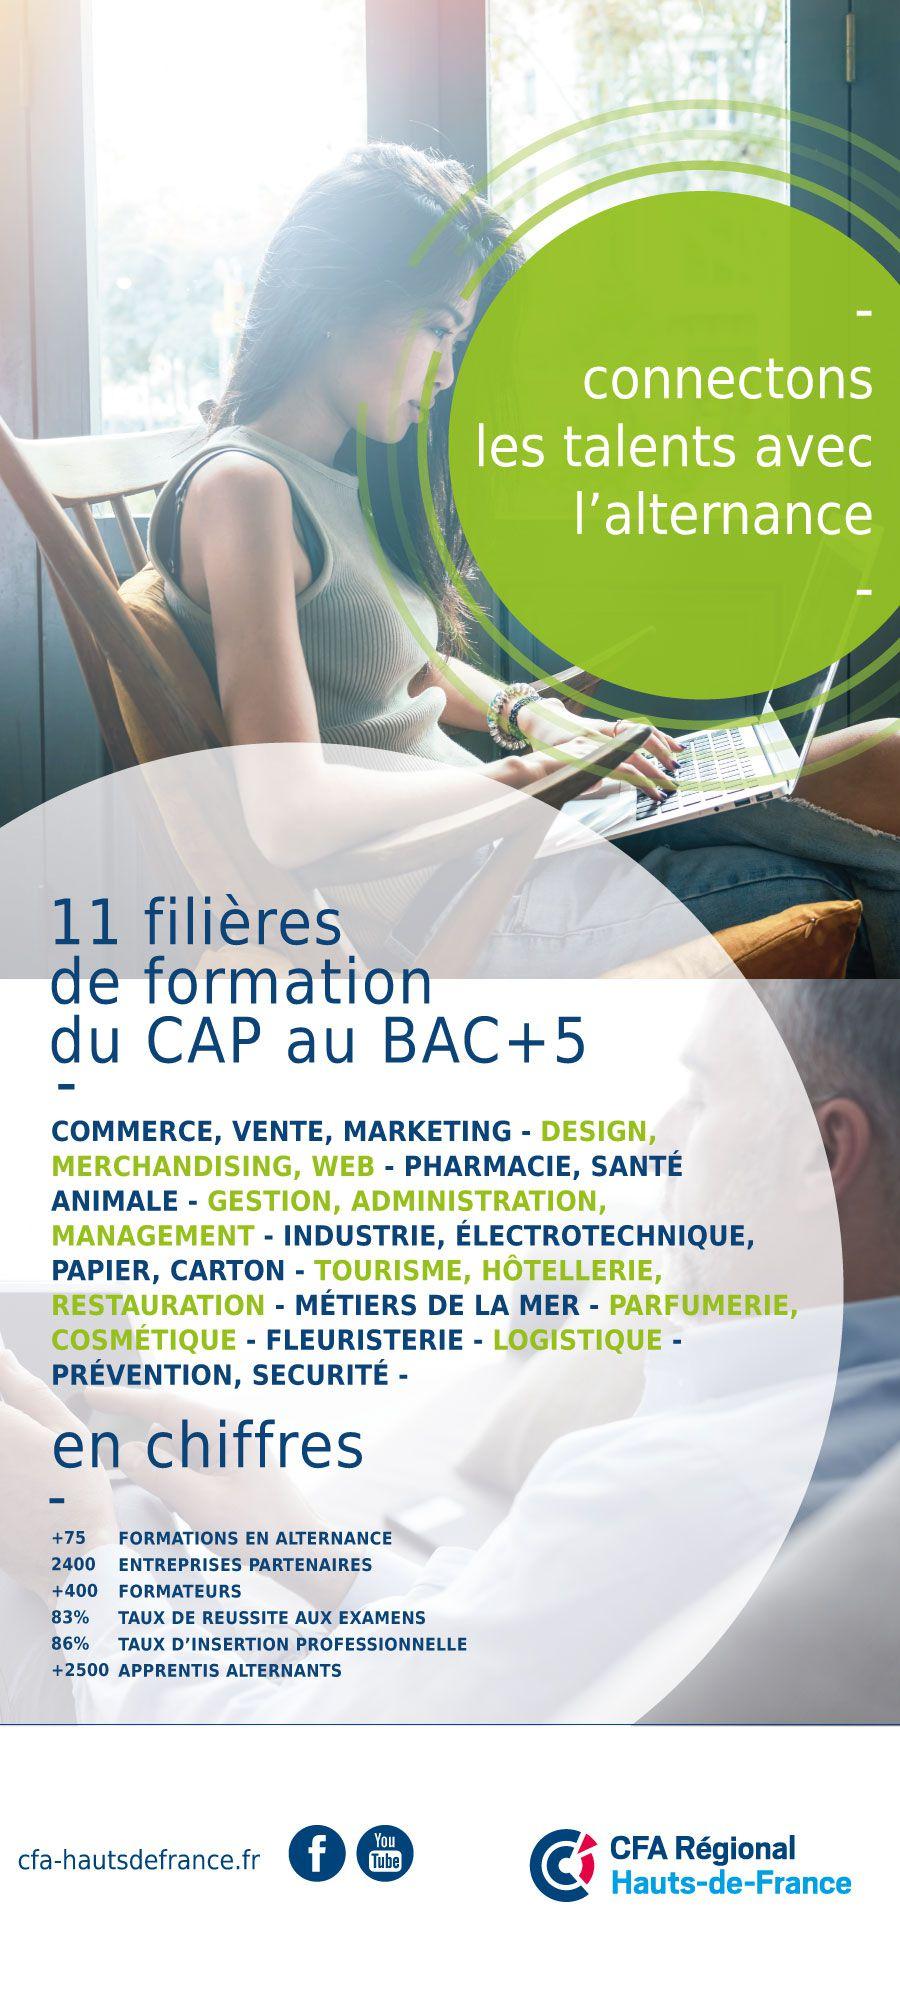 Présentation de CFA régional Hauts-de-France